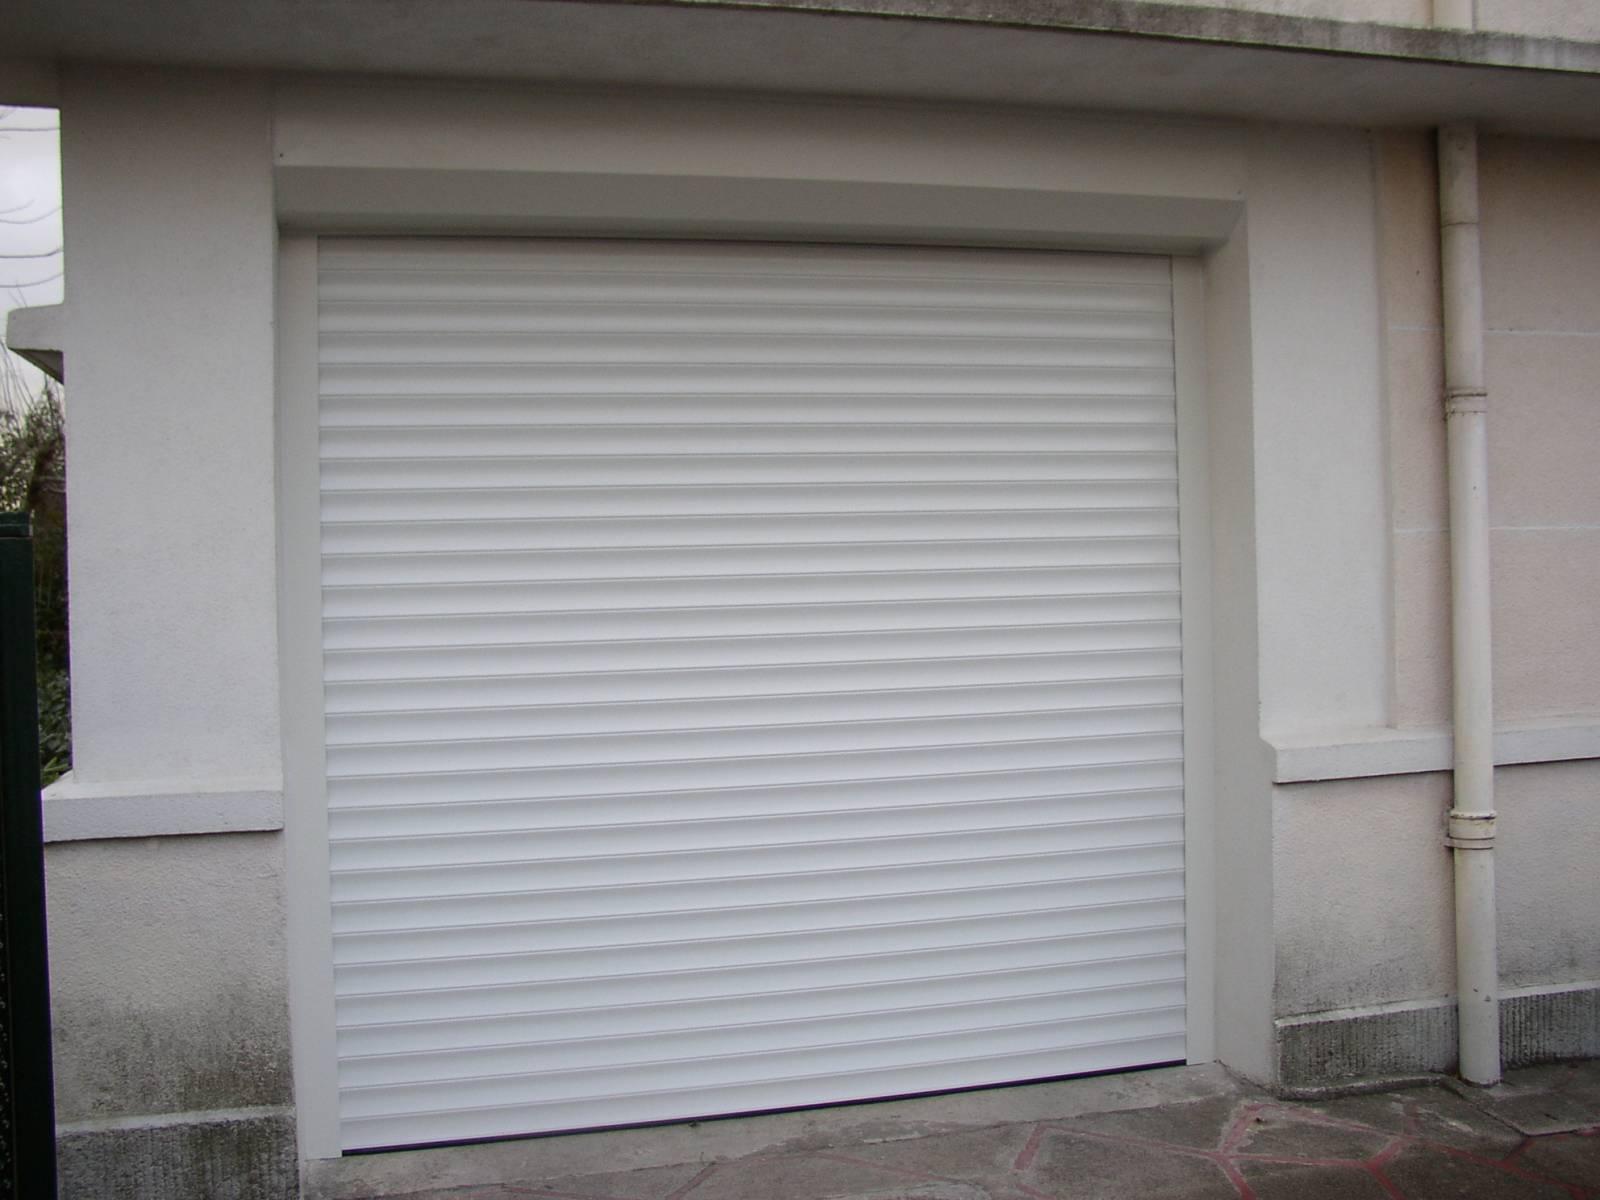 Fabricant de porte de garage et portail sur mesure for Fabricant de porte de garage sectionnelle sur mesure